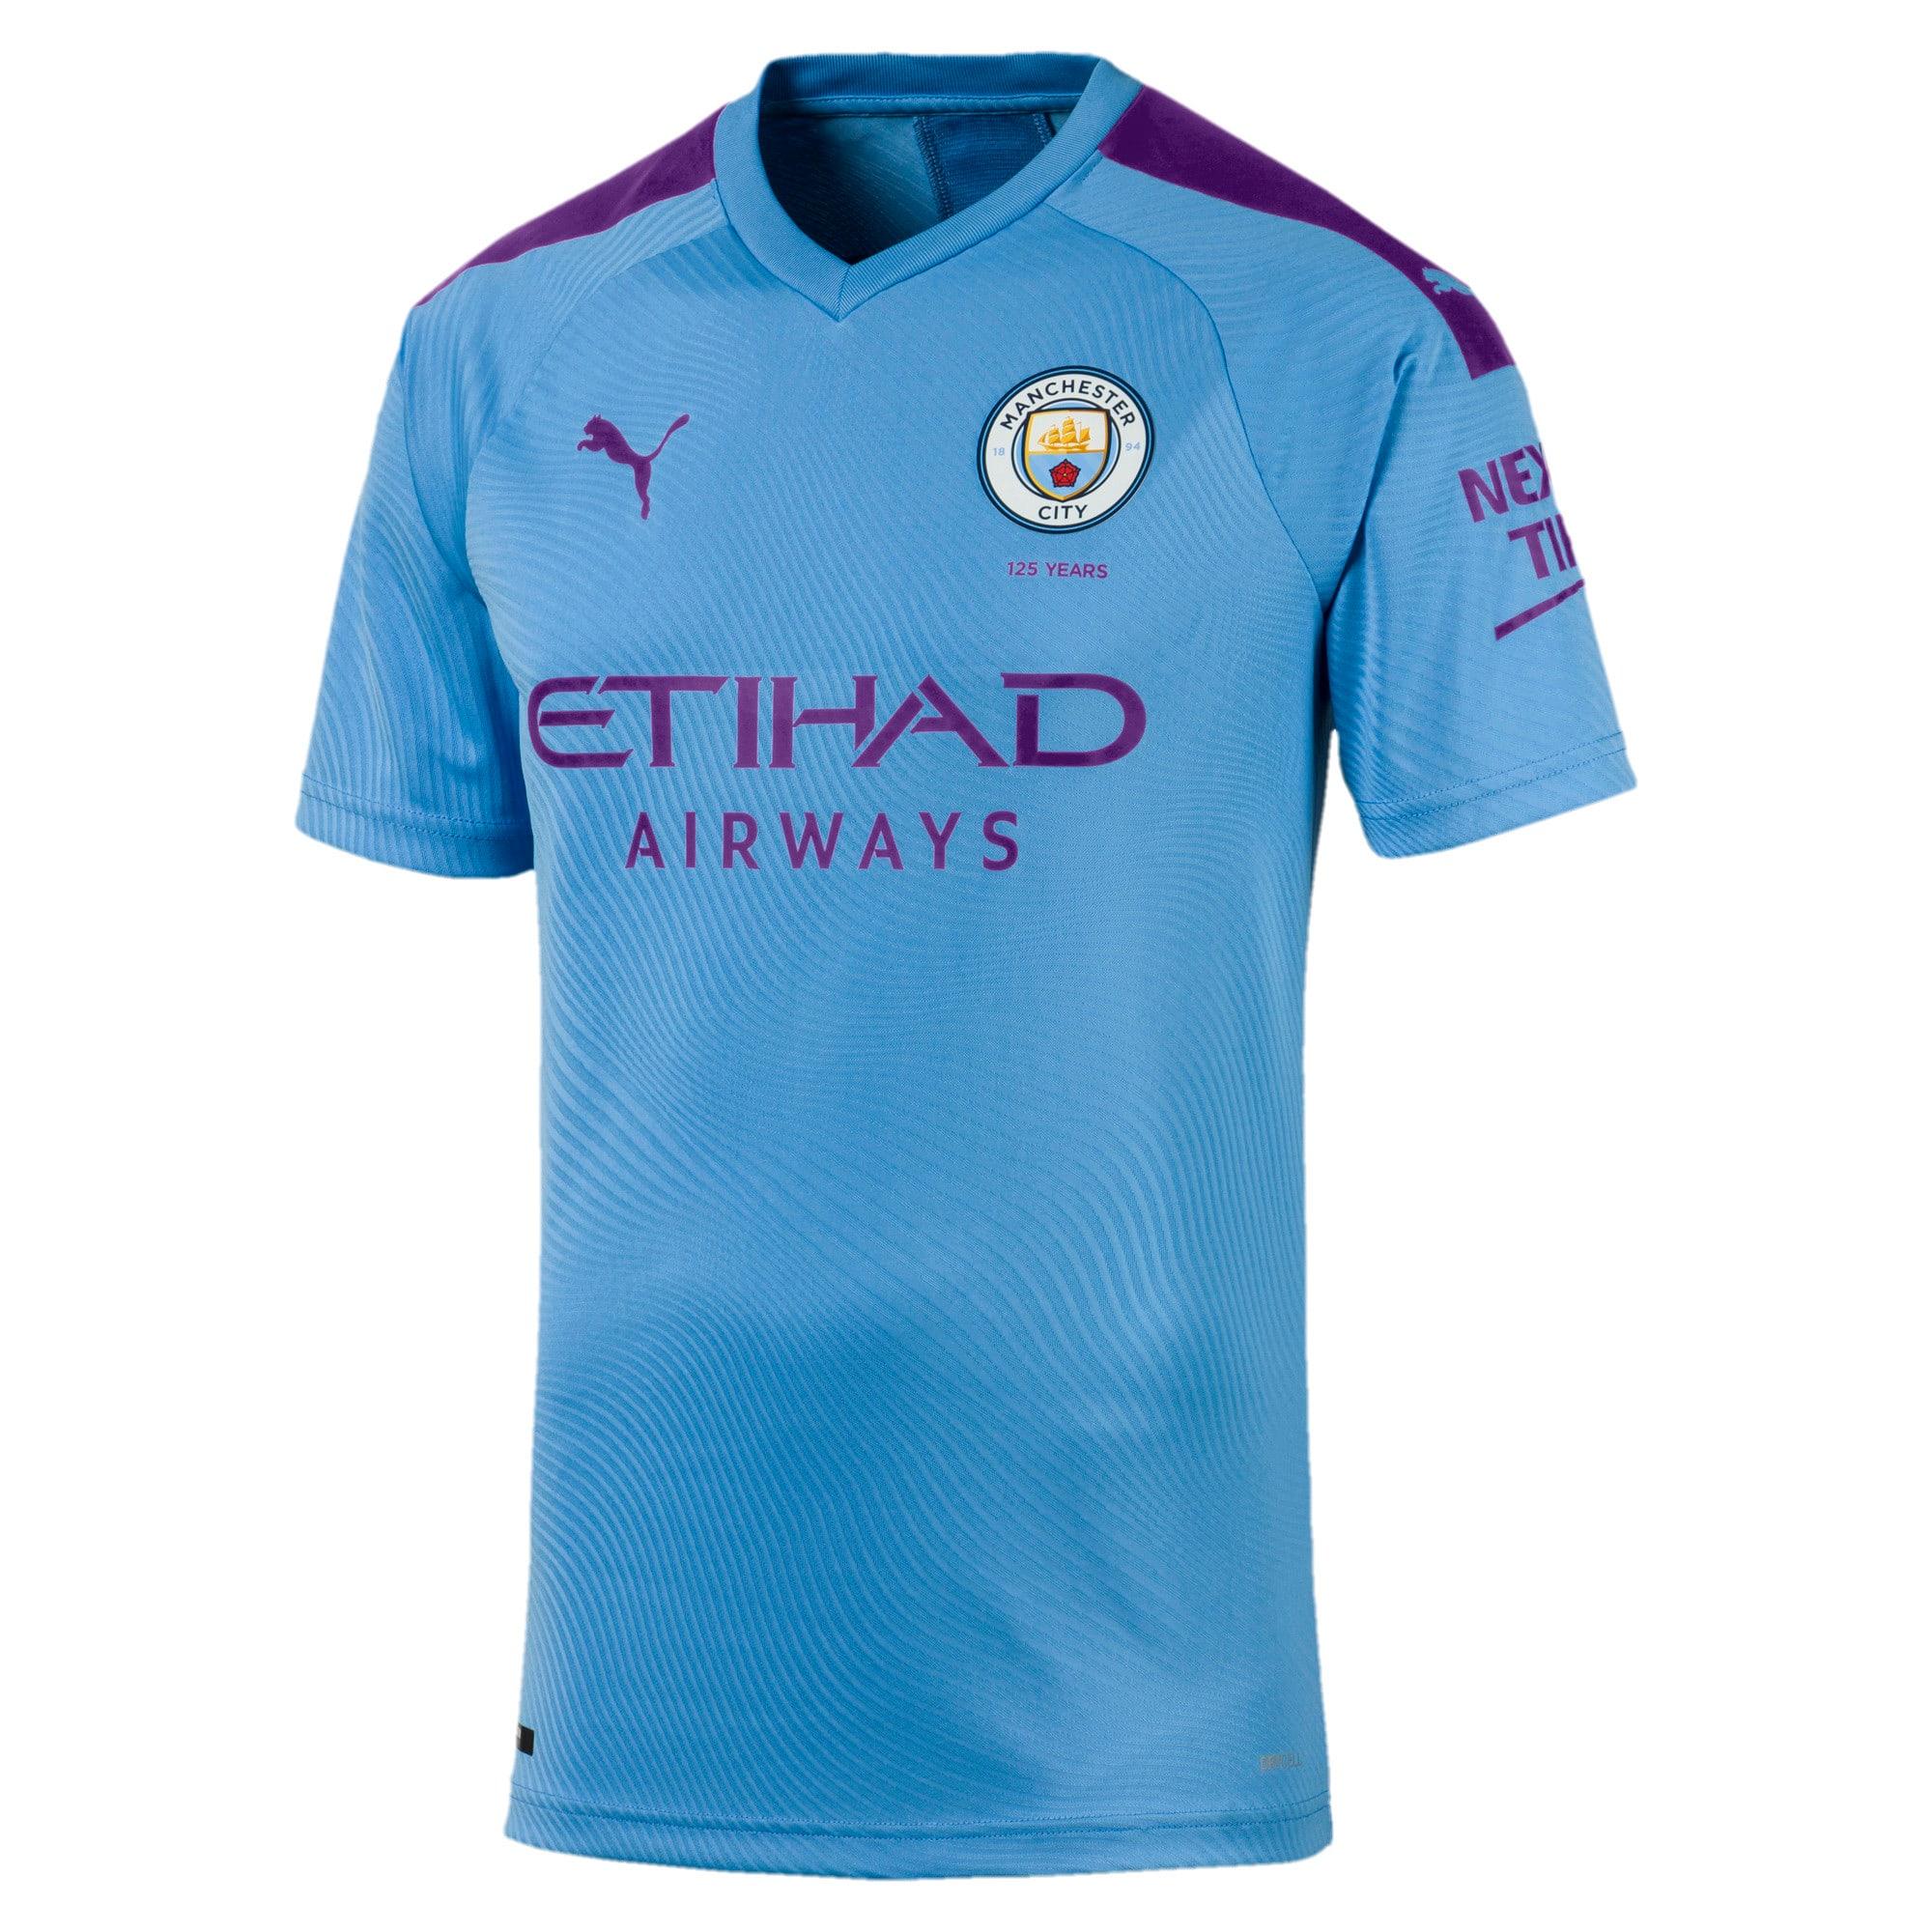 Miniatura 1 de Camiseta original de local de Manchester City FC para hombre, TeamLightBlue-TillandsiaPurp, mediano